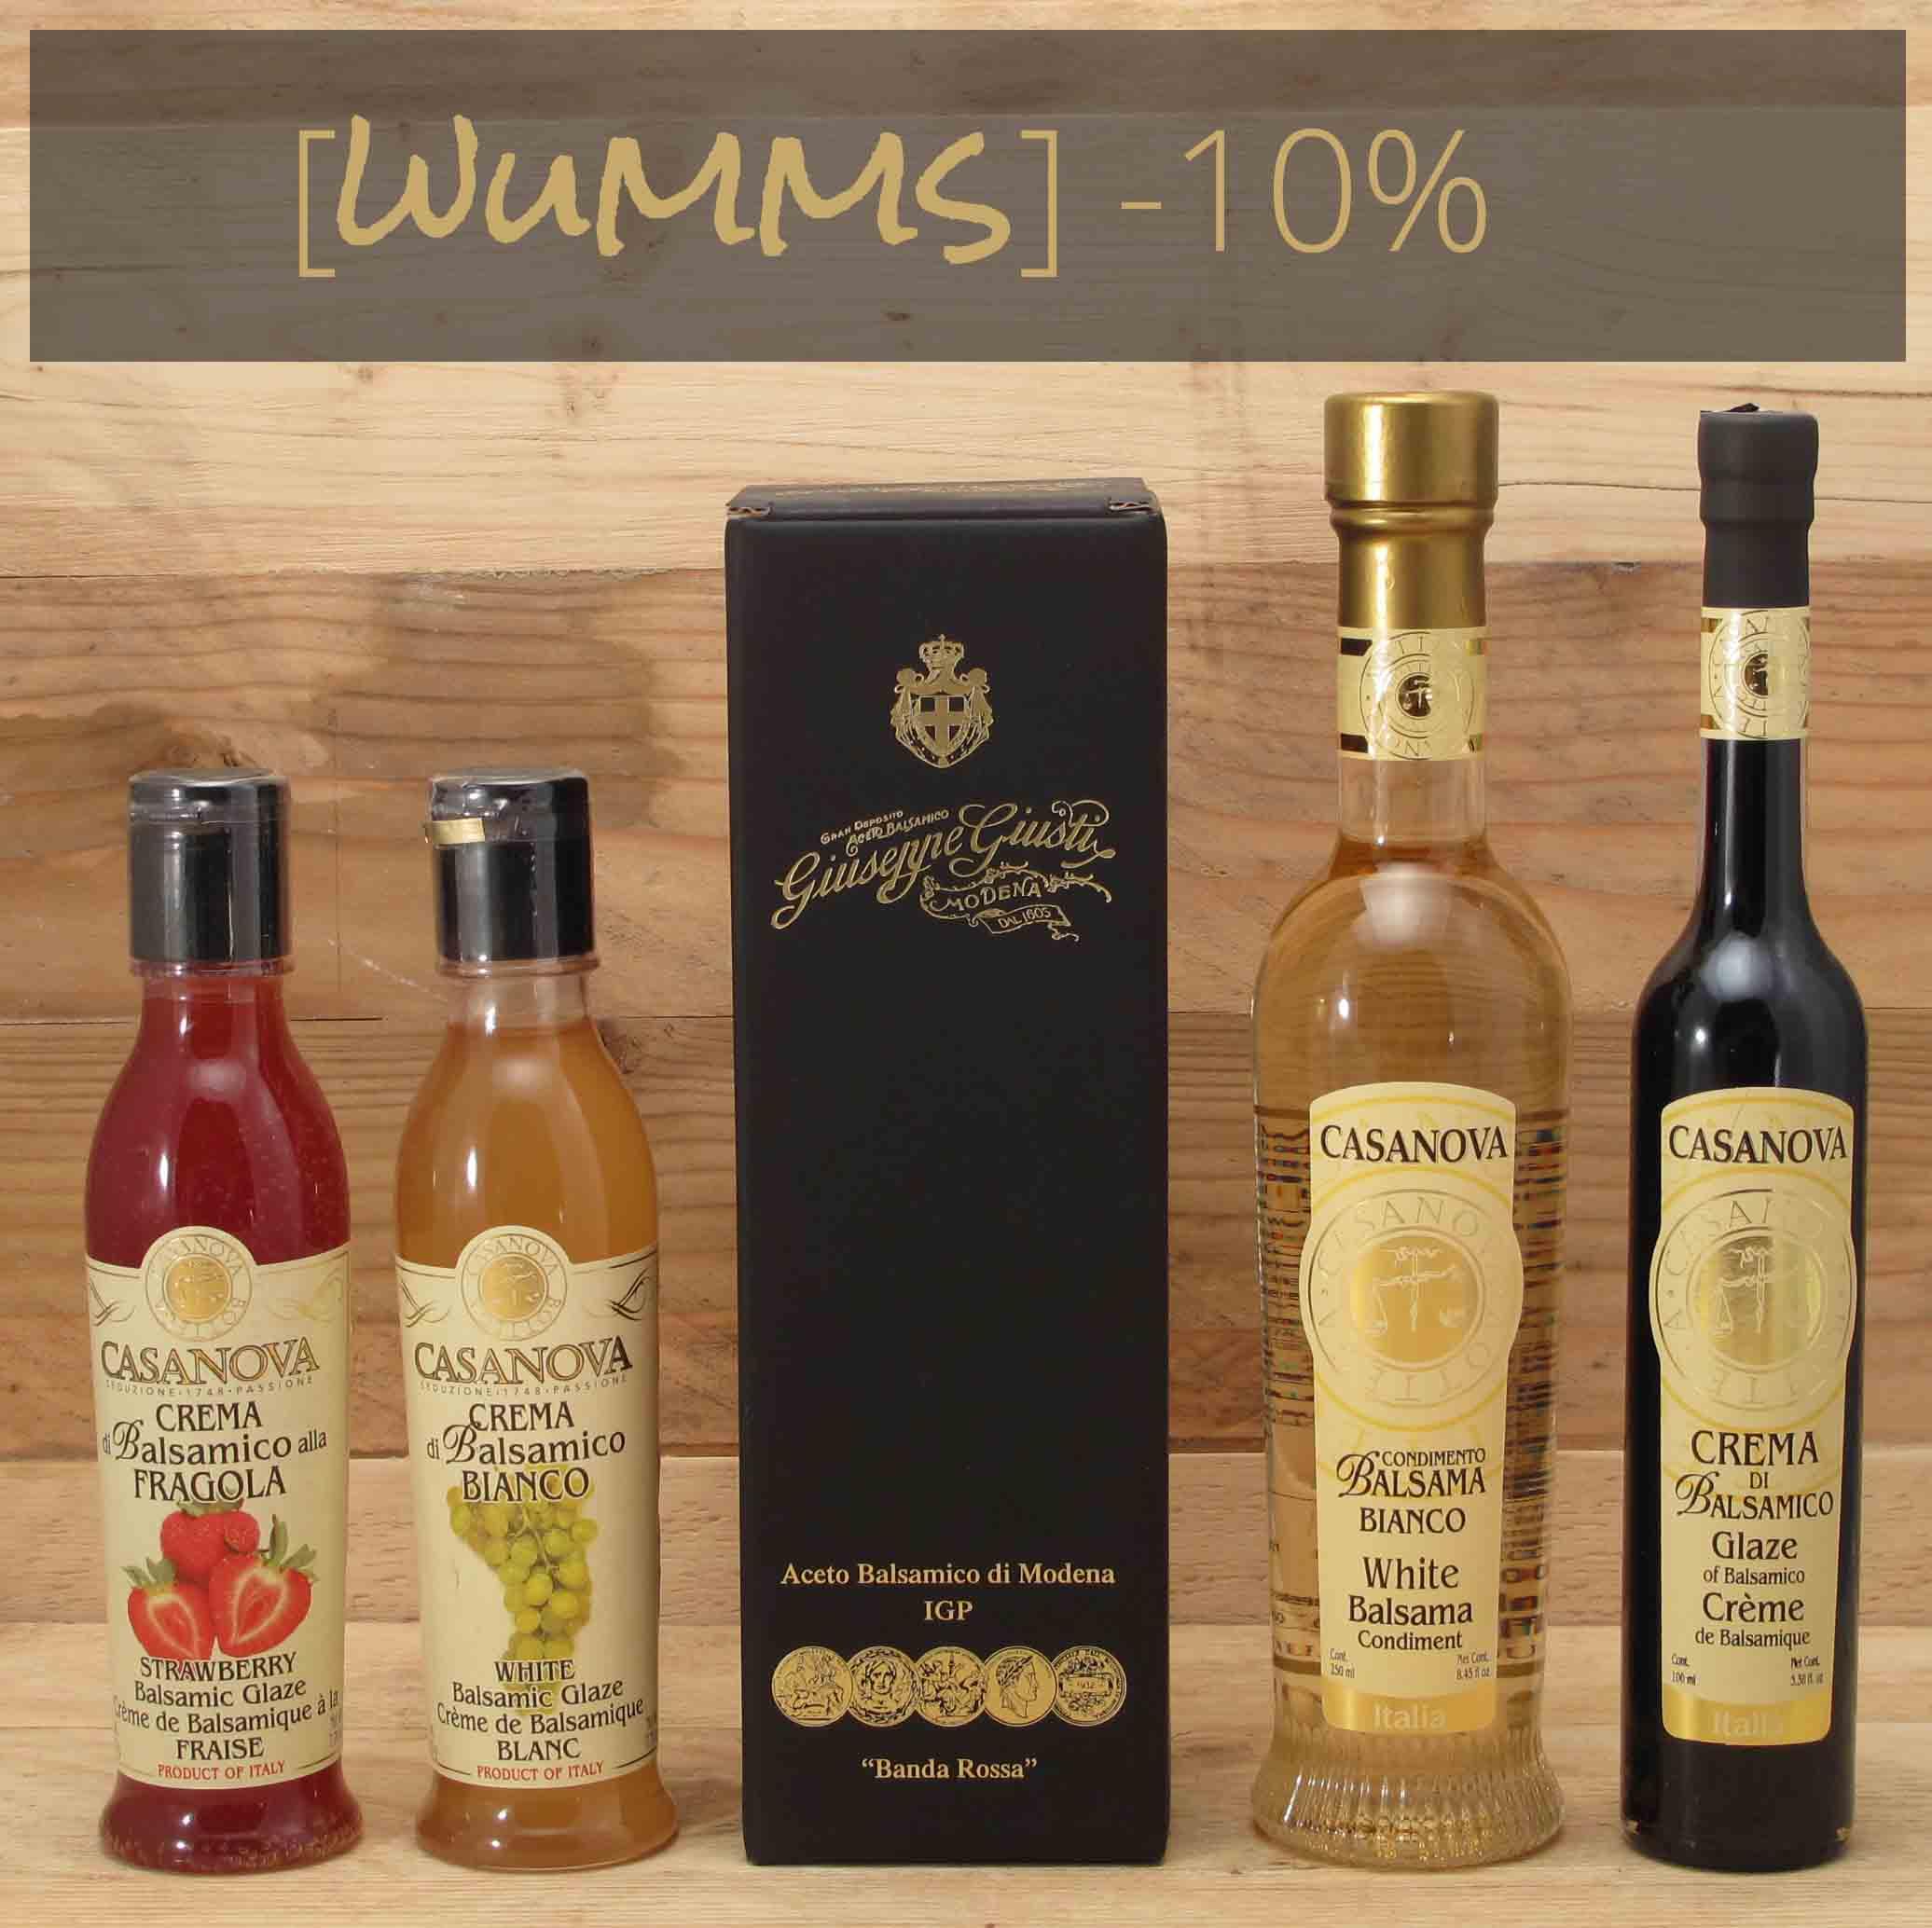 wumms-Kostliche-Essige-10